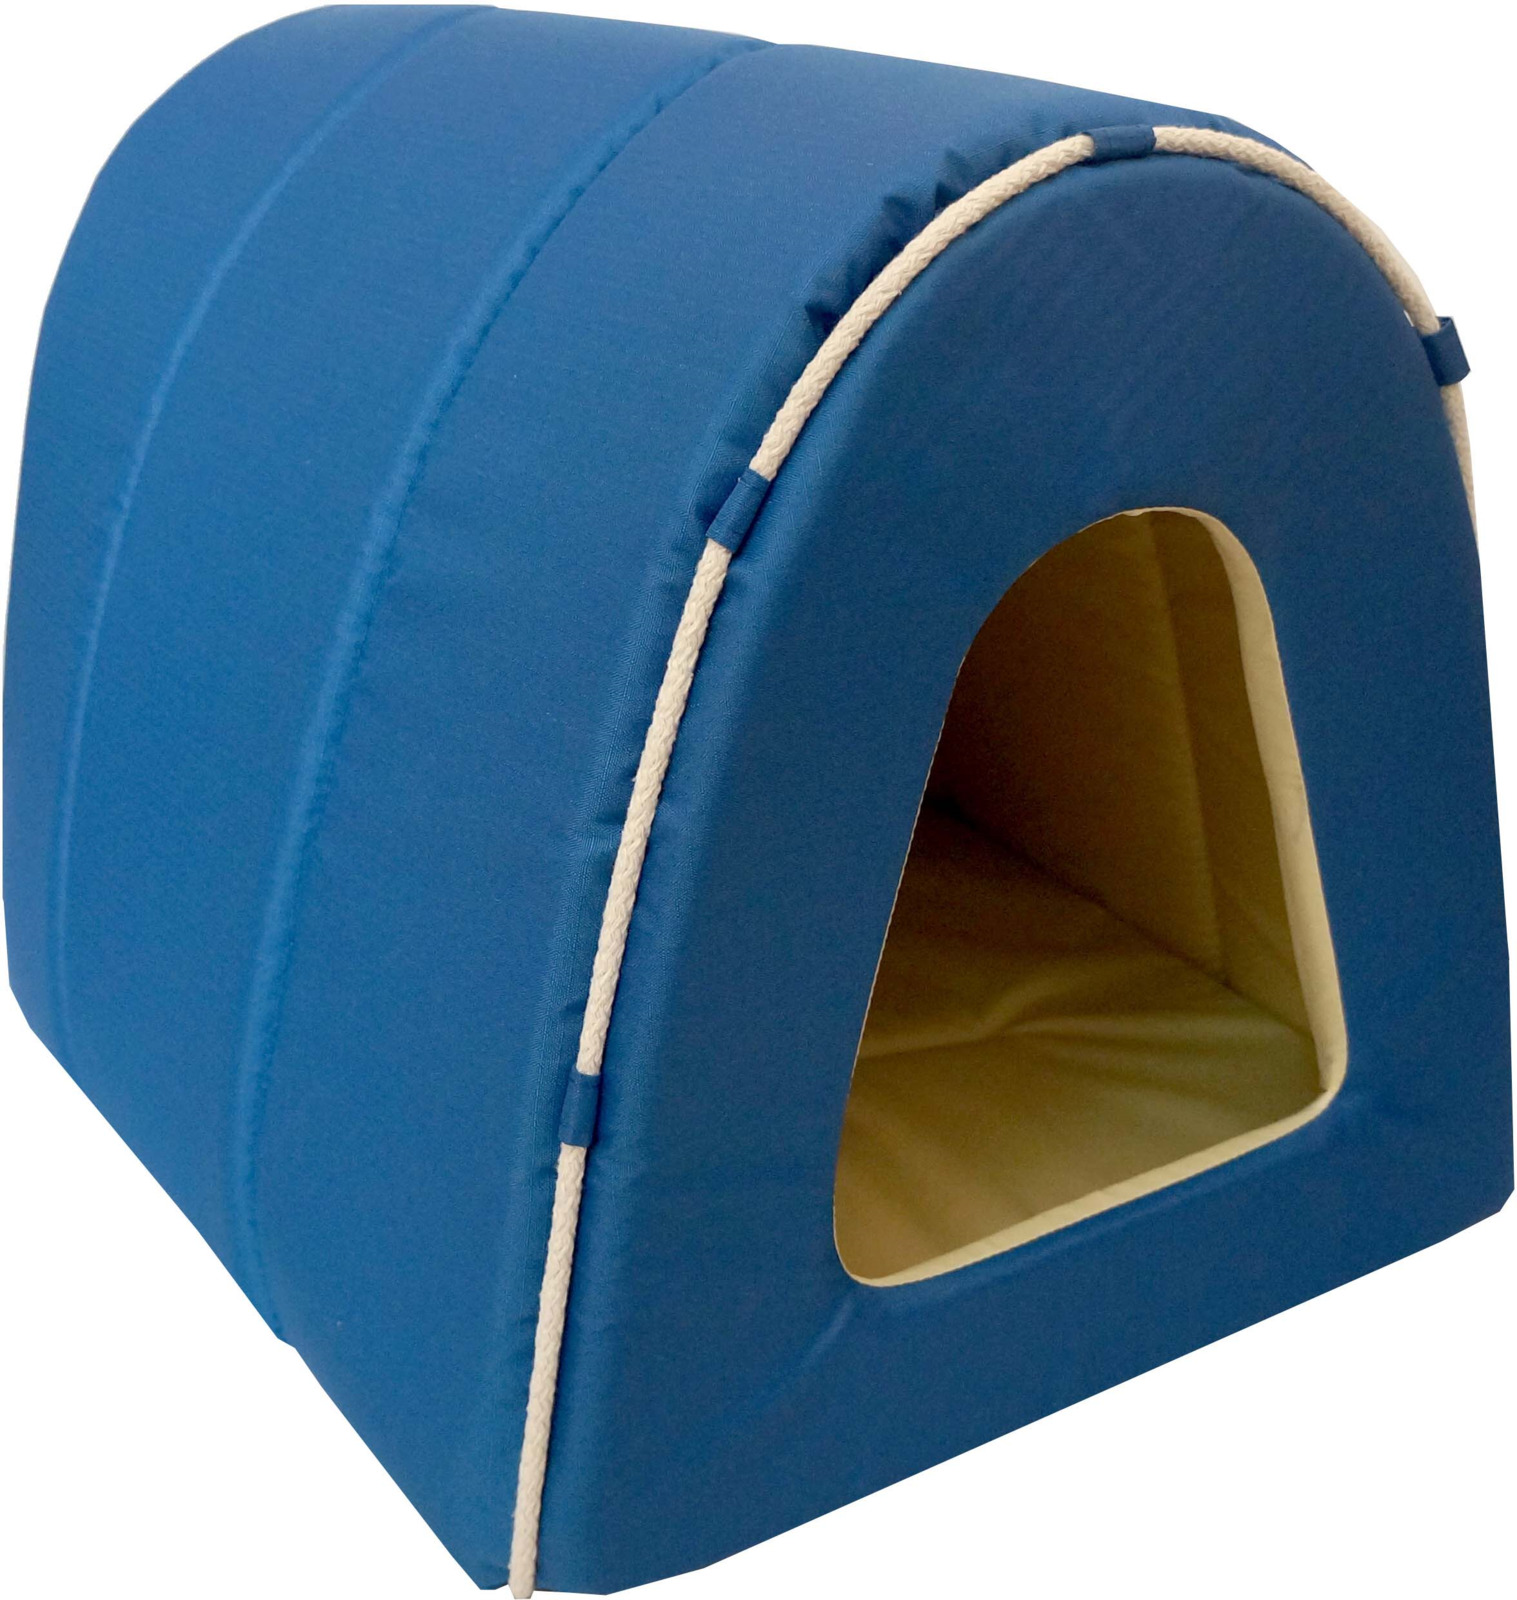 Домик-тоннель для животных ZOOexpress Морская №2, 76422ДОМ, синий, бежевый, 50 х 42 х 35 см76422ДОМДом-Туннель Морская. Эксклюзивная коллекция премиум-класса Морская, выполненная в оригинальном авторском дизайне, с использованием декоративных элементов, изготовлена из современной износостойкой ткани Оксфорд - высокотехнологичного водонепроницаемого материала, коэффициент водоотталкивания составляет 95%. Также из данной ткани выполнена подкладка изделий, что облегчает уход за продукцией и продлевает срок ее эксплуатации. Ткань Оксфорд - этот материал, в основе которого лежат волокна полиэстера или нейлона, обладает высочайшими показателями прочности и долговечности. При этом «Оксфорд» стойко реагирует не только на физические воздействия (истирание и т.д.), но и на воздействия агрессивных химических веществ и реагентов, температур и прямых солнечных лучей. Изнаночная сторона обработана специальным составом, отталкивающим воду. Обивка: оксфорд (водоотталкивающая ткань). Цвет: синий/бежевый. Производитель: ОООЗооэкспресс, Россия.